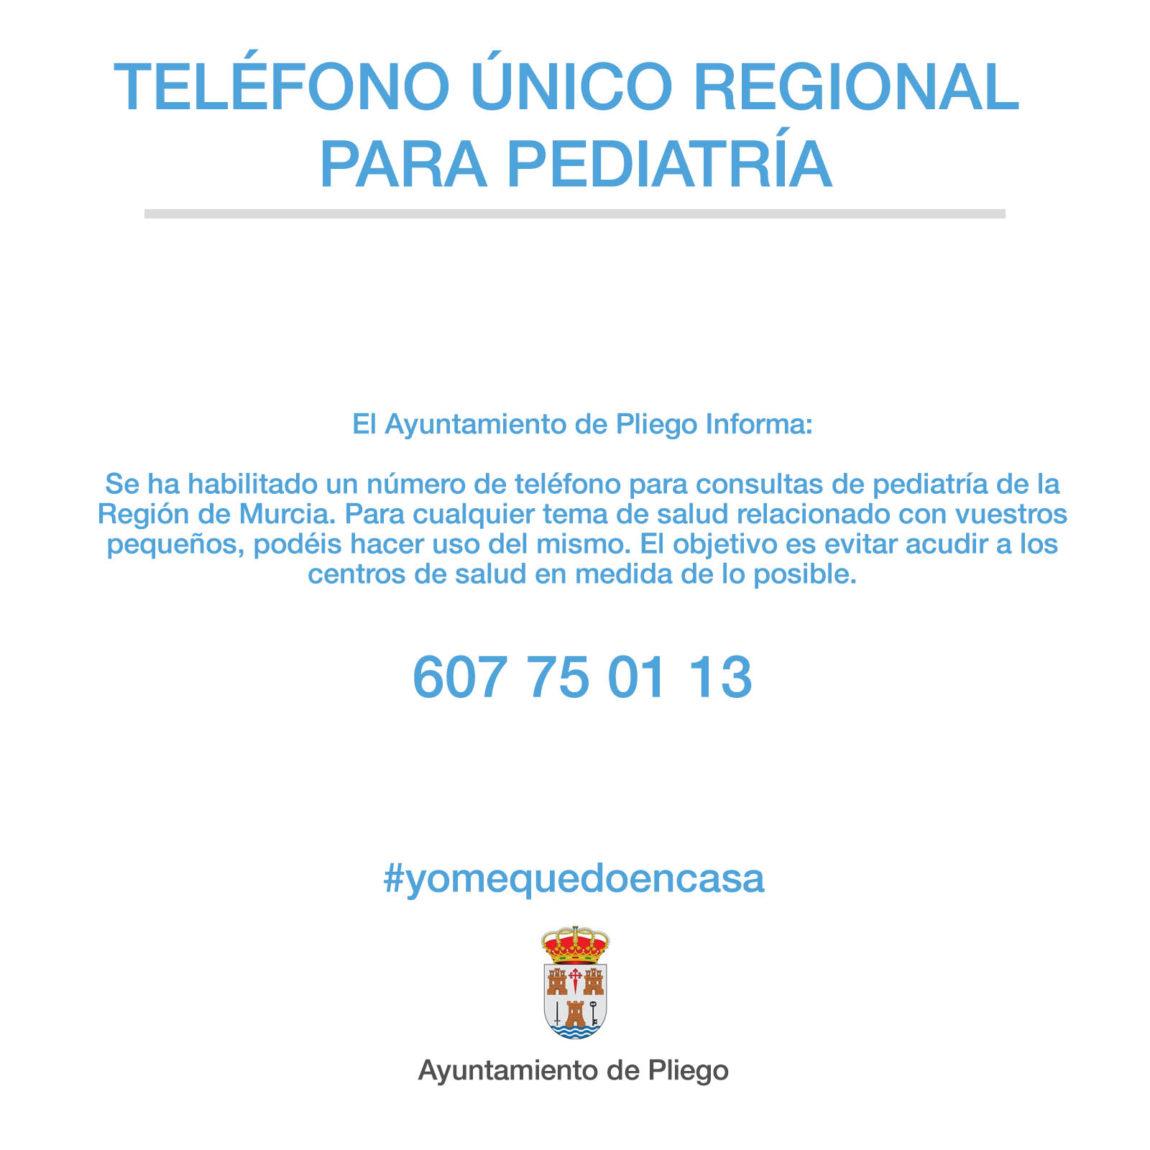 Teléfono único regional para pediatría